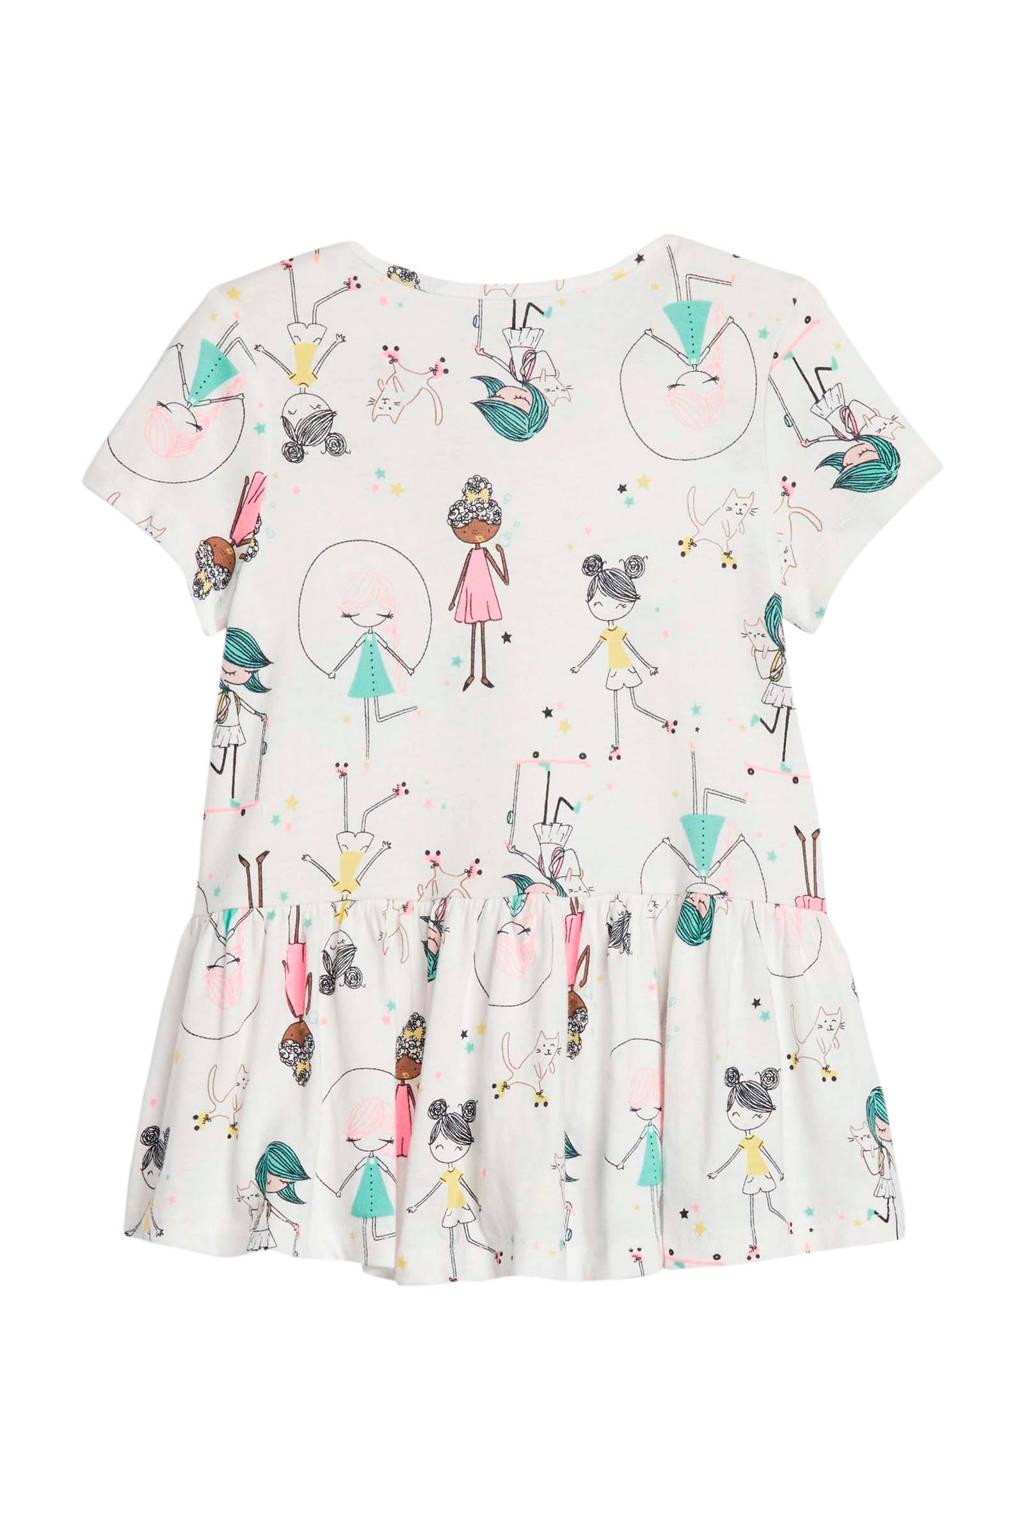 GAP T-shirt met all over print en plooien wit/groen/geel